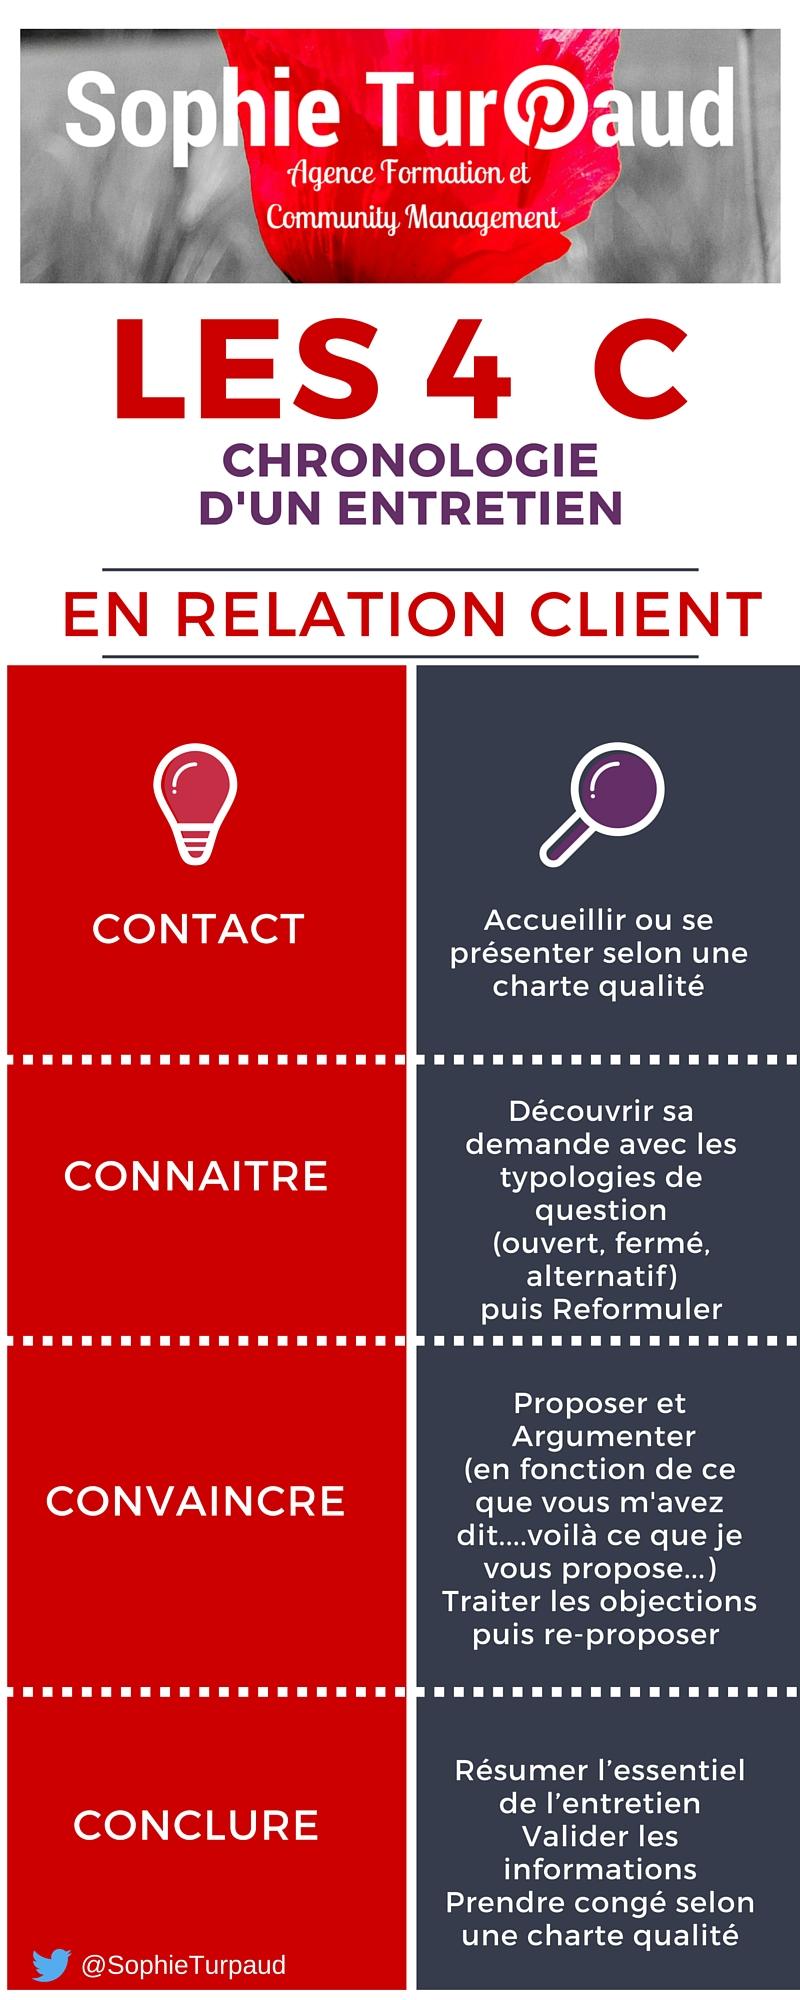 Les 4 C Chronologie des étapes d'un entretien commercial via @sophieturpaud #relationclient